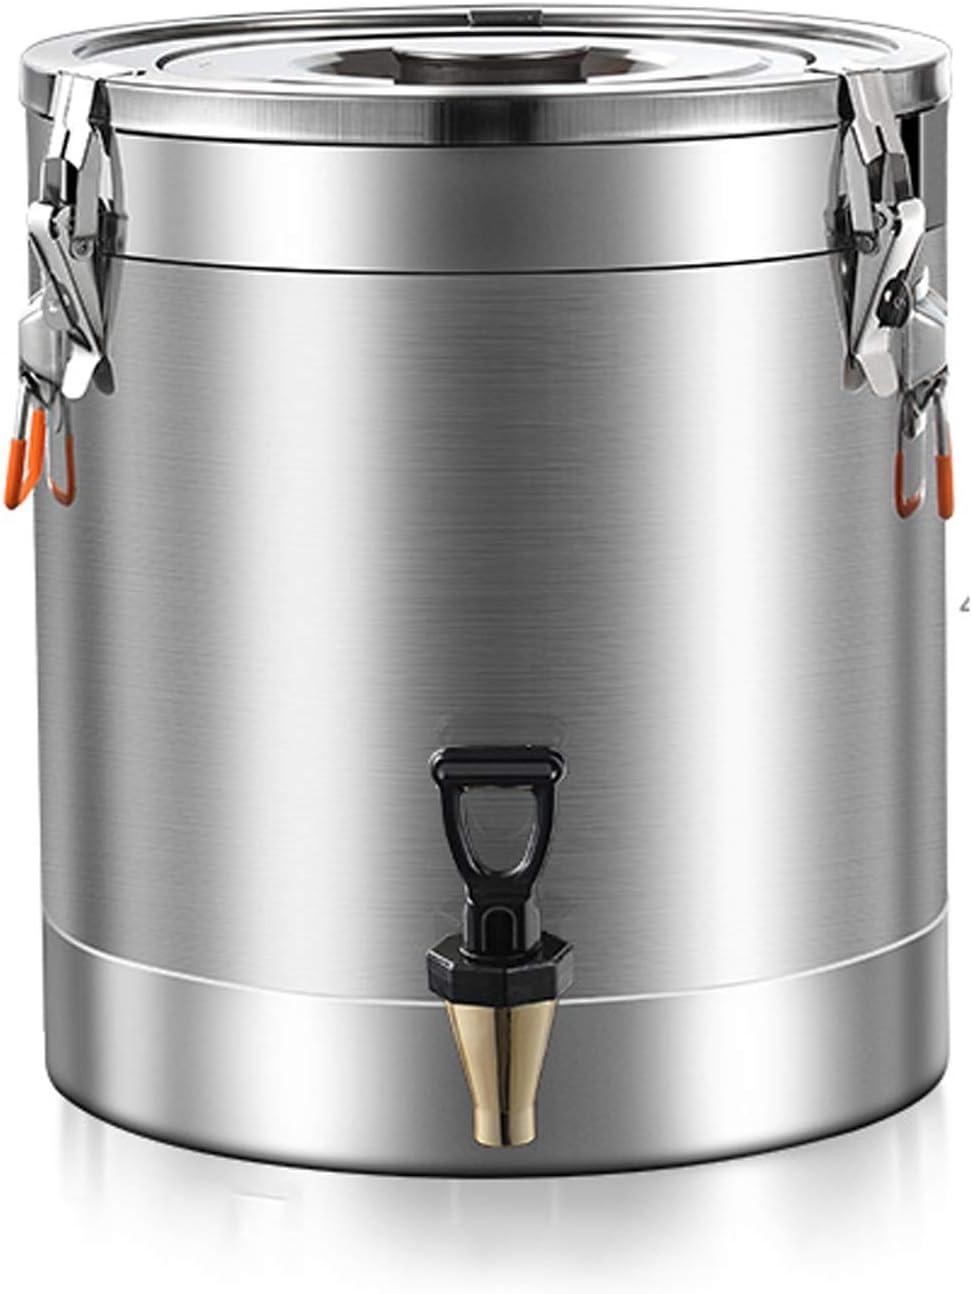 LWL Acero Inoxidable 304 Barril, Fermentador Home Brew Vino Cerveza Fabricación de Tambores, Almacenamiento de Petróleo Arroz Agua Barril (tamaño : 60L)